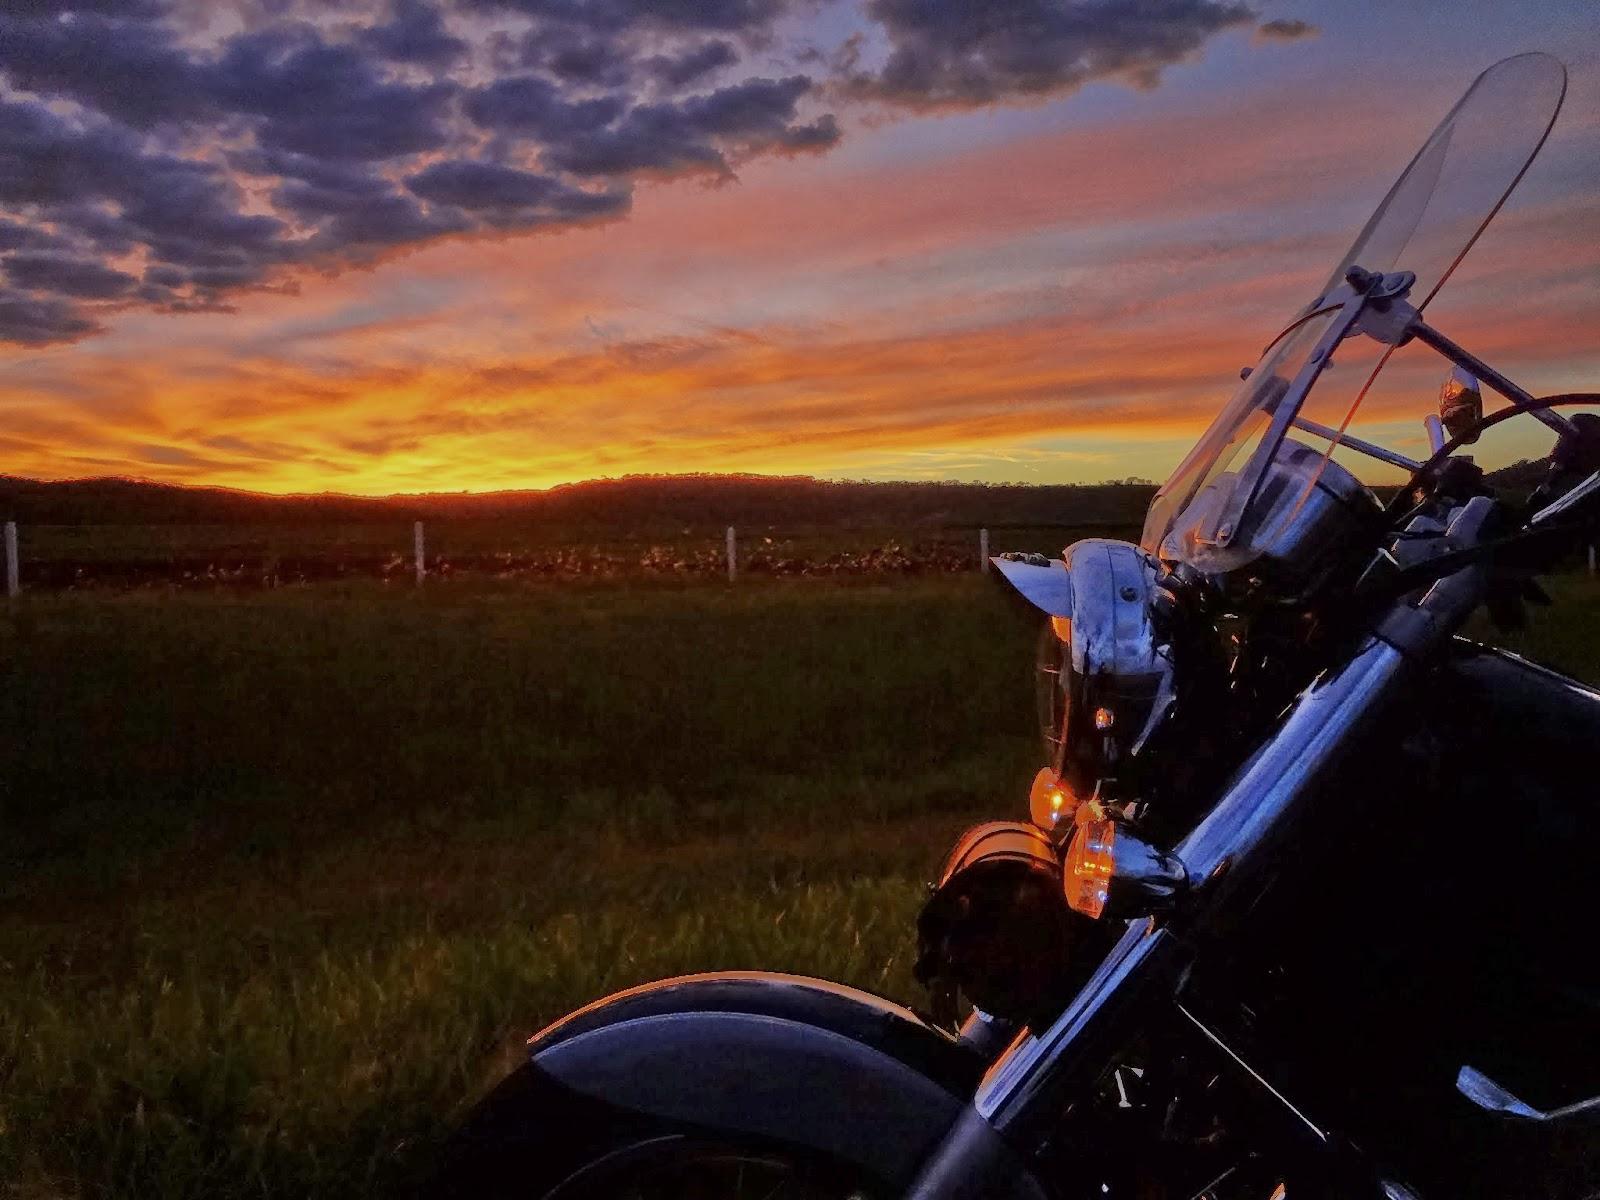 Relato da viagem de 2.700km em duas rodas pelo interior do Brasil. Uma viagem de moto por Goiás, Pirenópolis, Goiânia, Alexânia e Brasília.